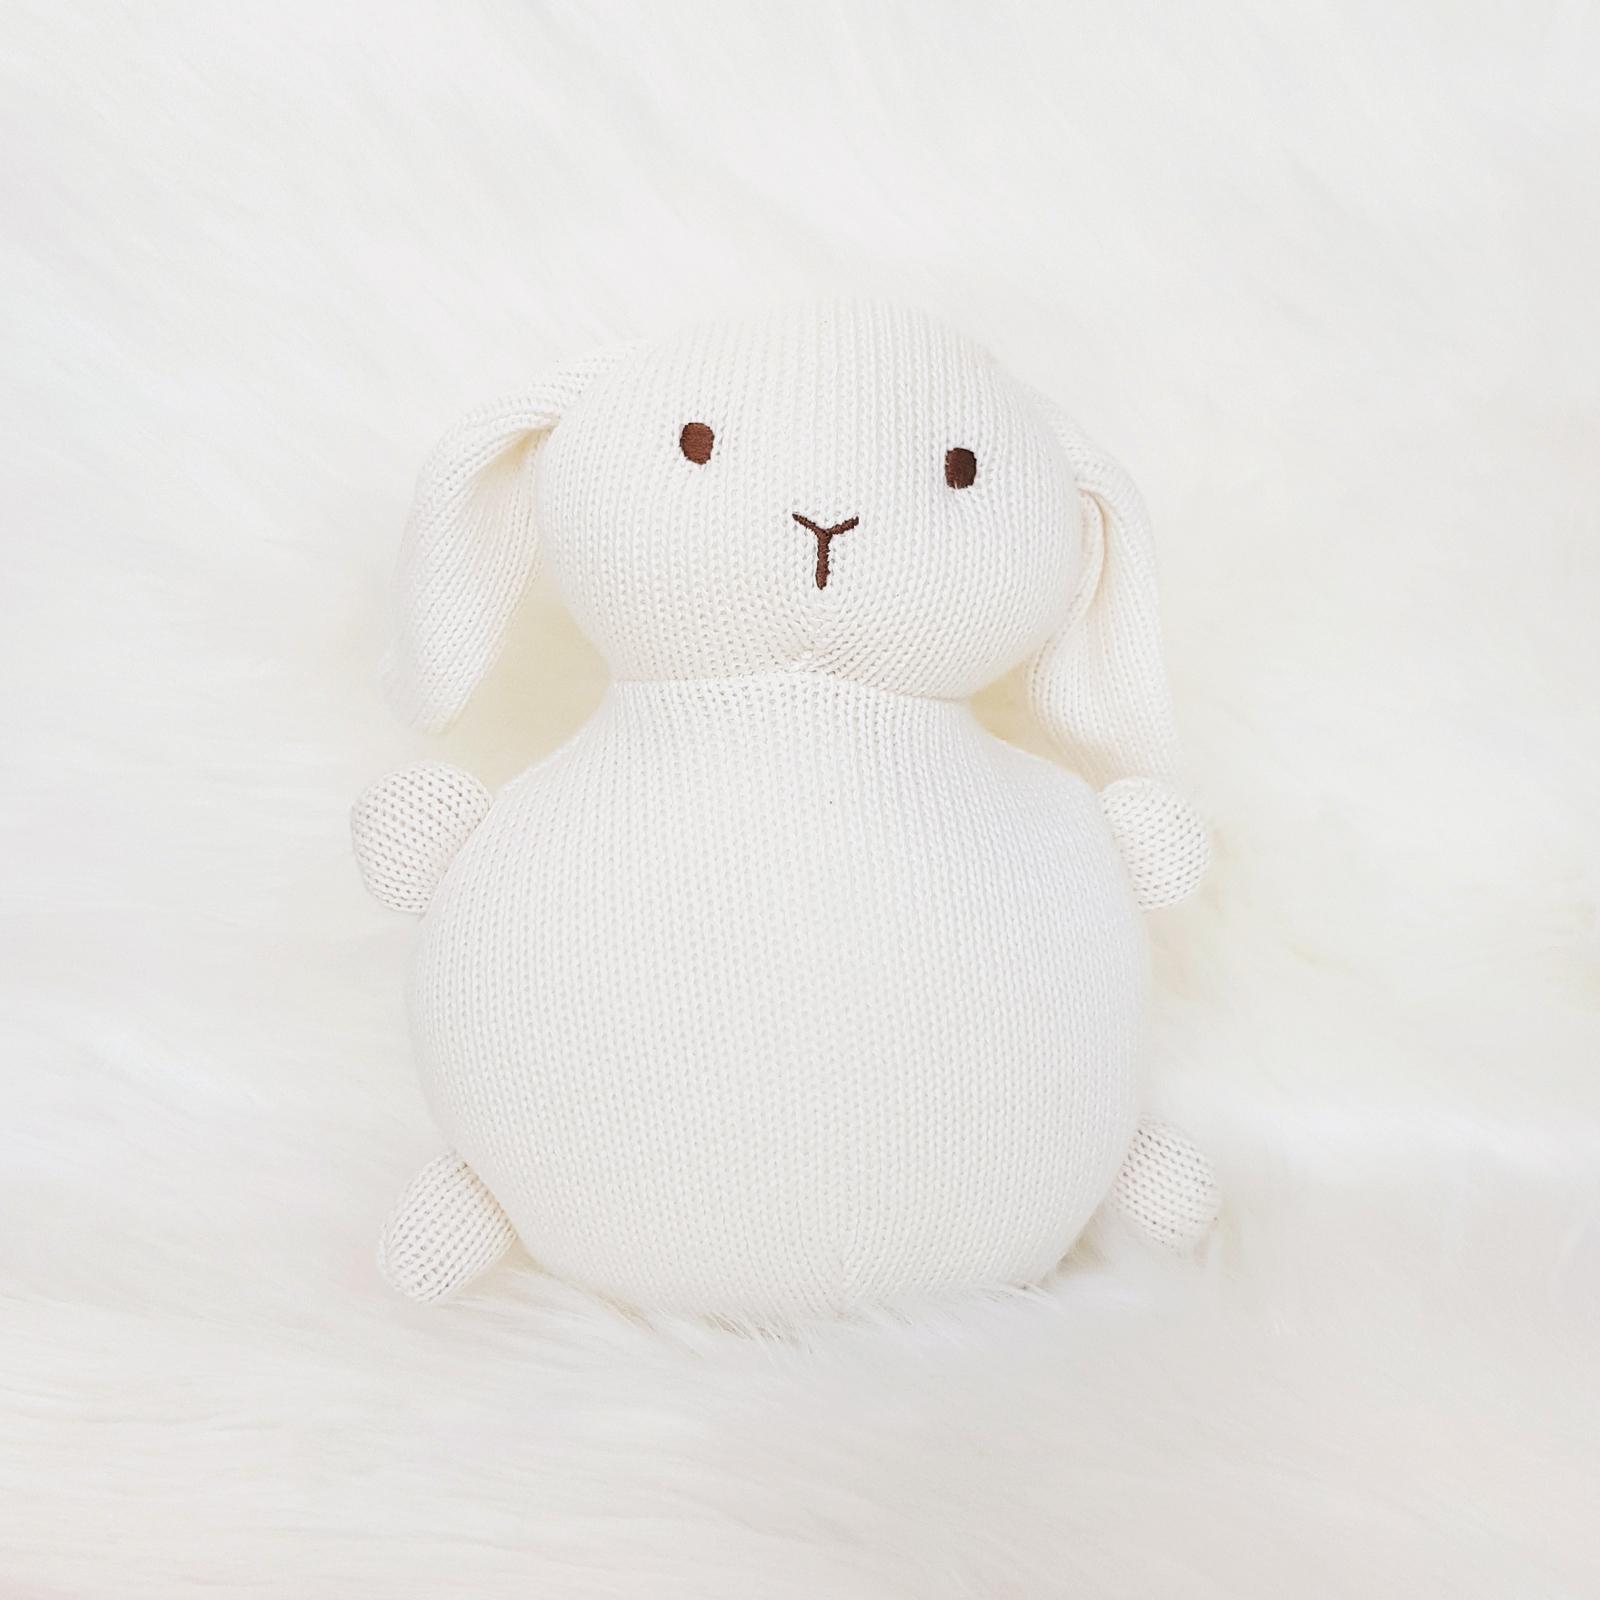 Rabbit Plushie 1600x1600 2021 jan.jpg